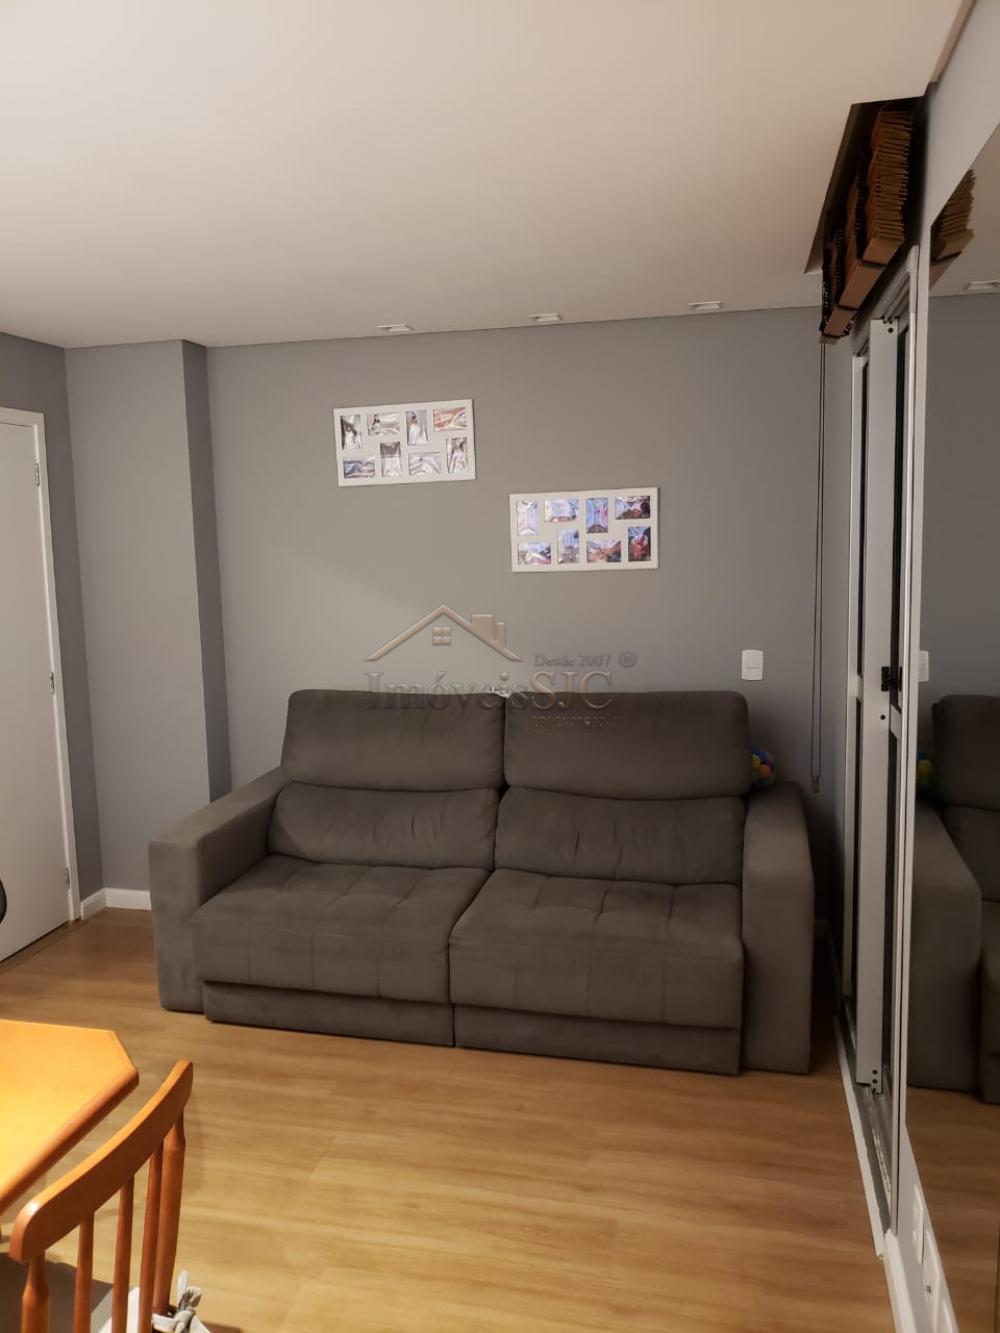 Alugar Apartamentos / Padrão em São José dos Campos apenas R$ 1.500,00 - Foto 2